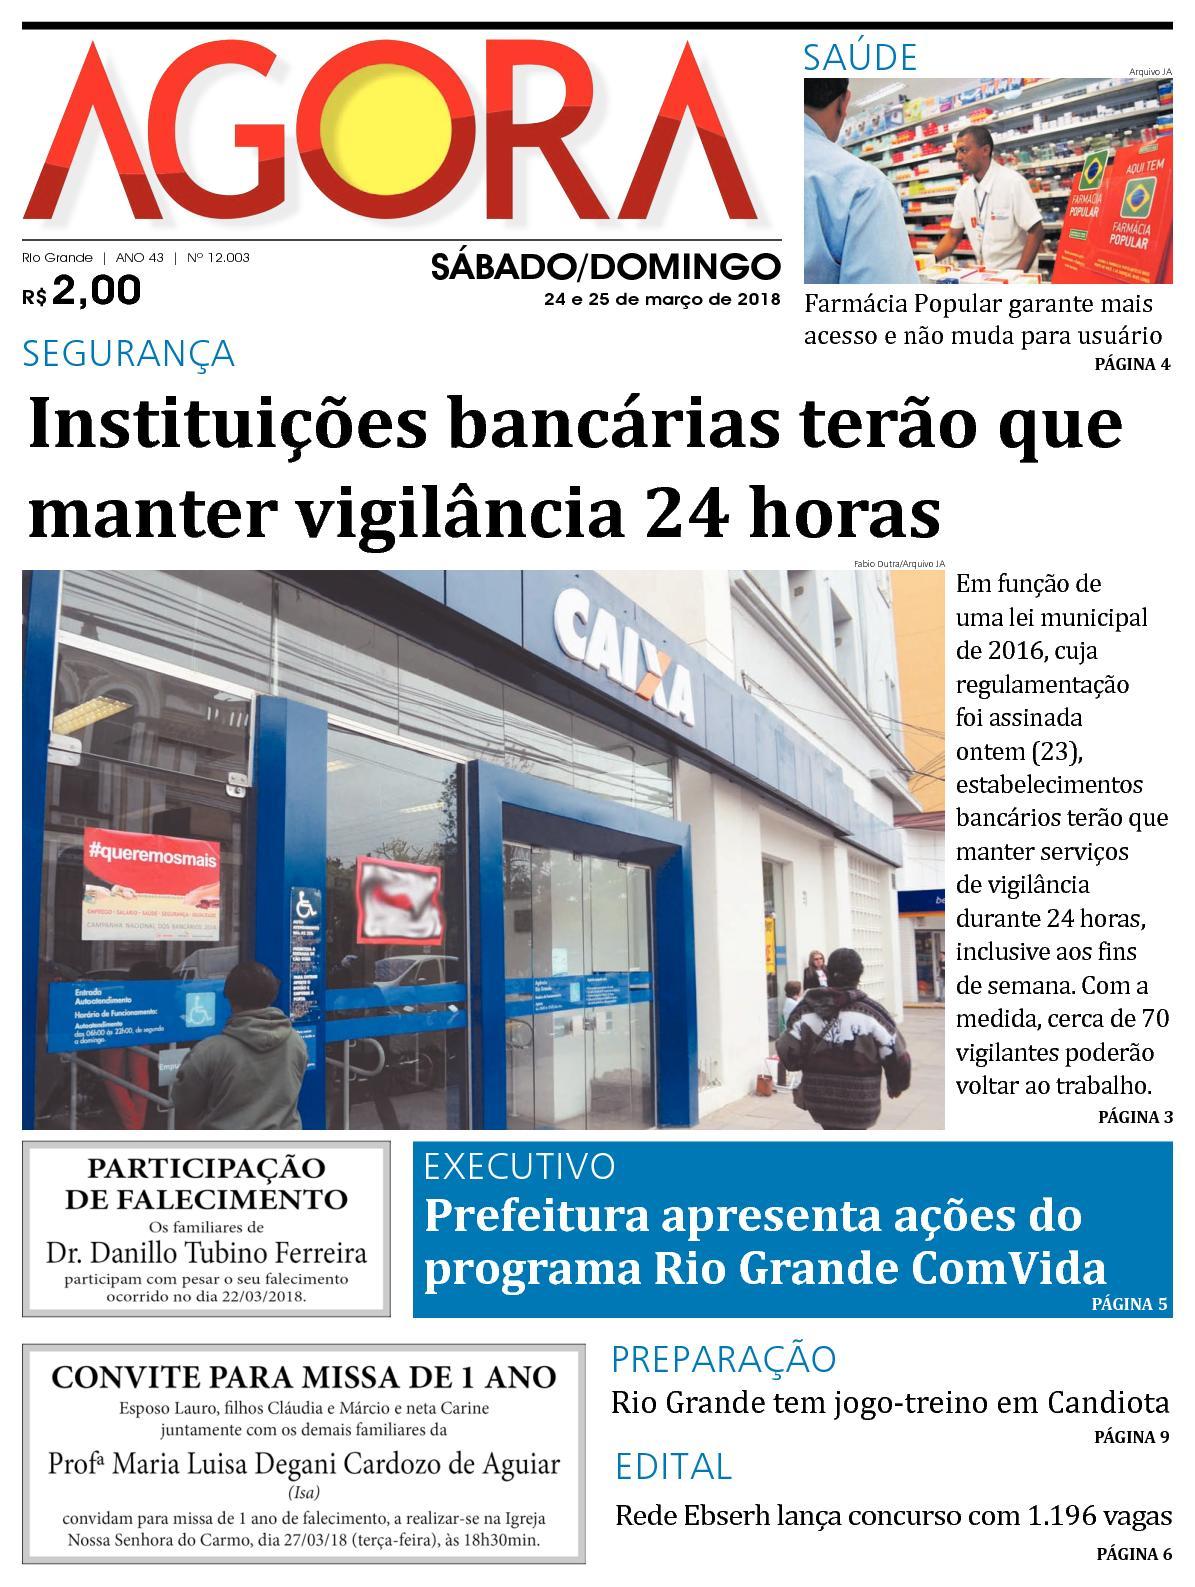 7f62c2e14b2 Calaméo - Jornal Agora - Edição 12003 - 24 e 25 de Março de 2018